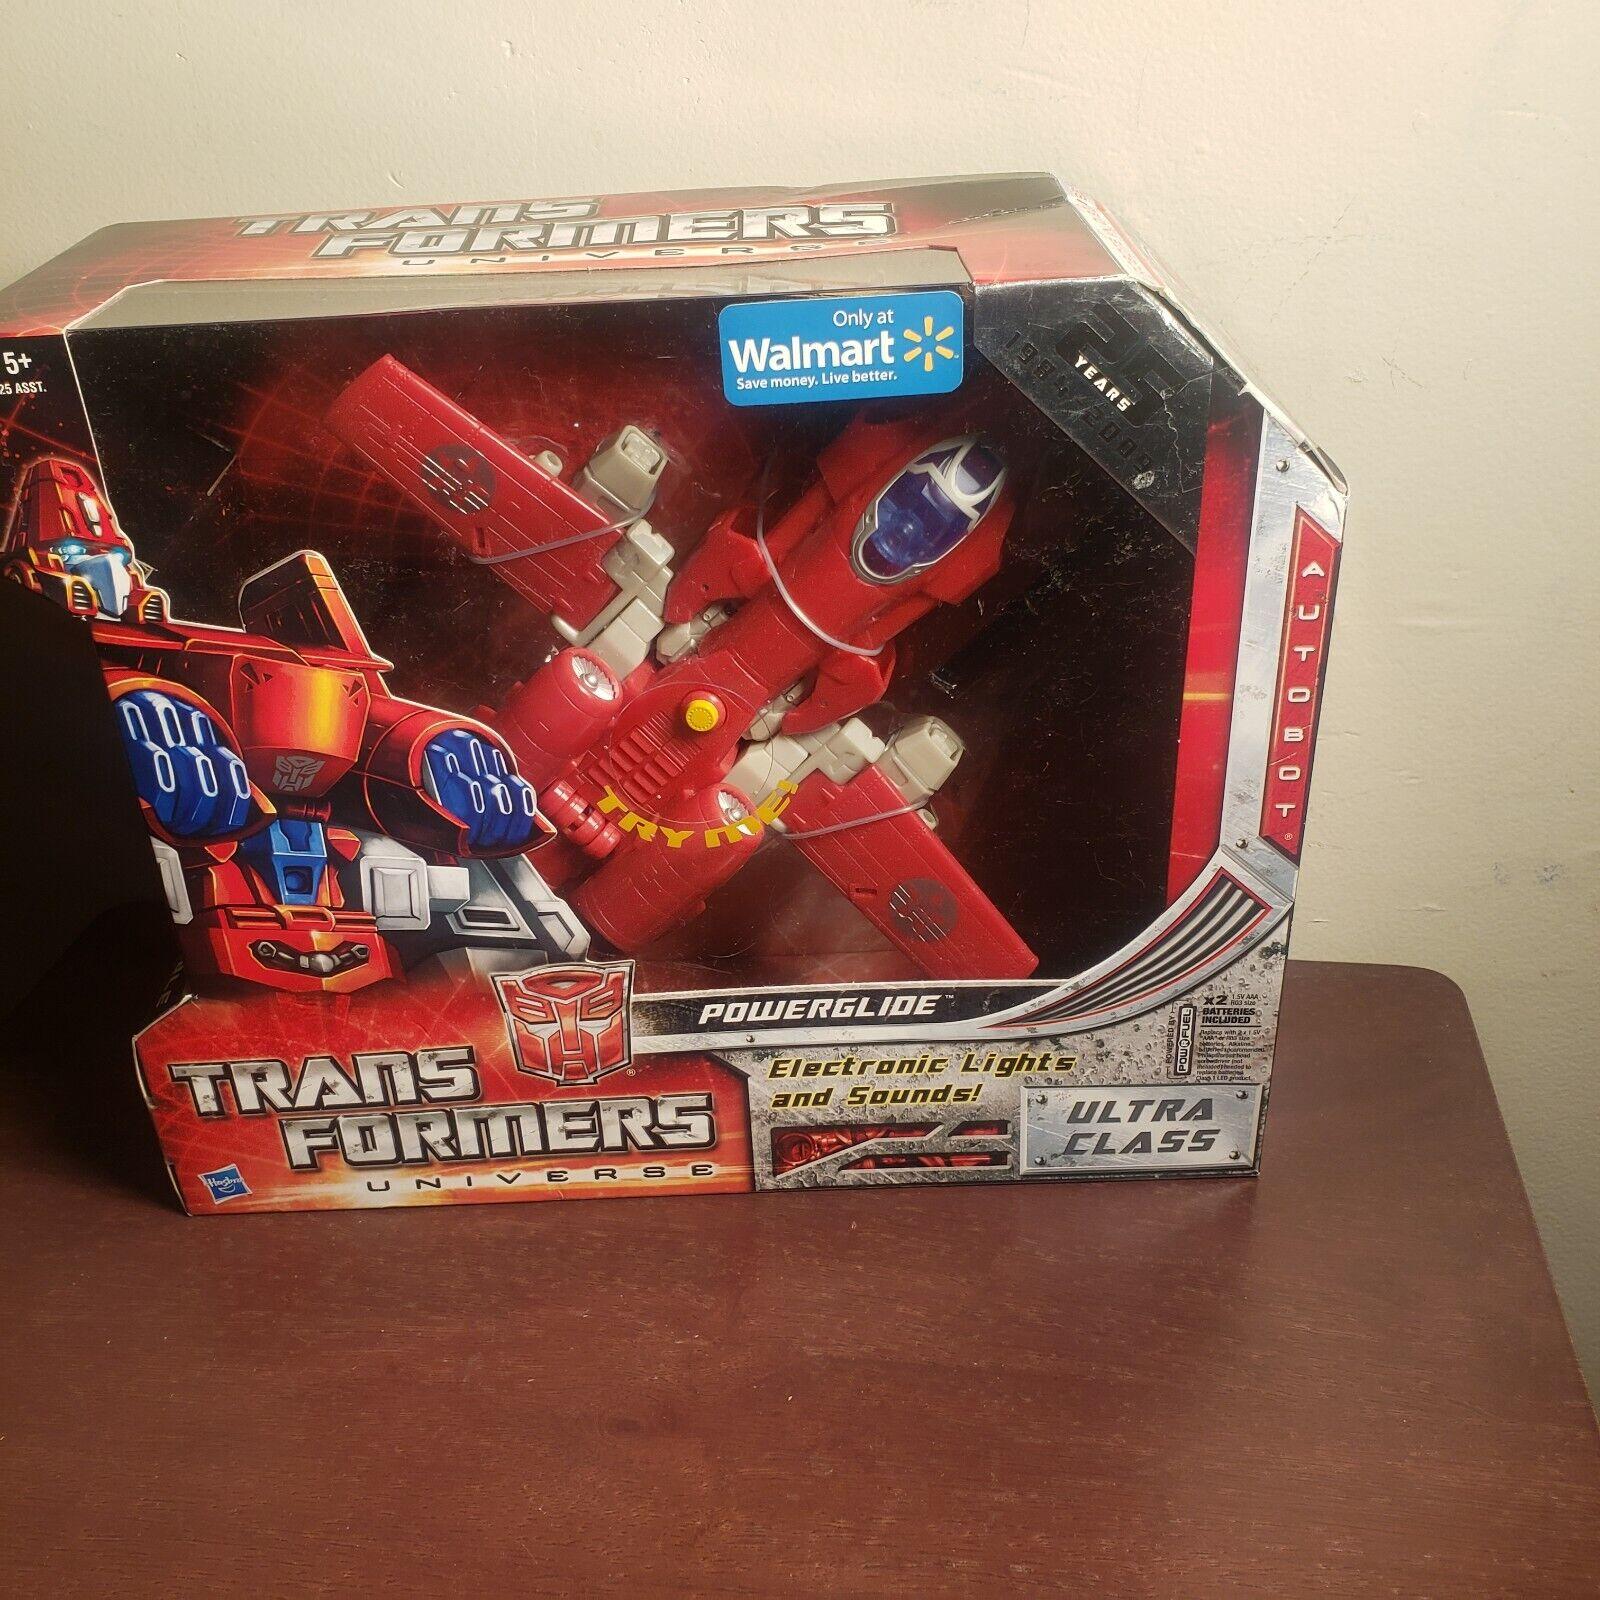 2009 nuovo Transformers Universe  Ultra classee energiaGLIDE Electronic luci & suono  protezione post-vendita